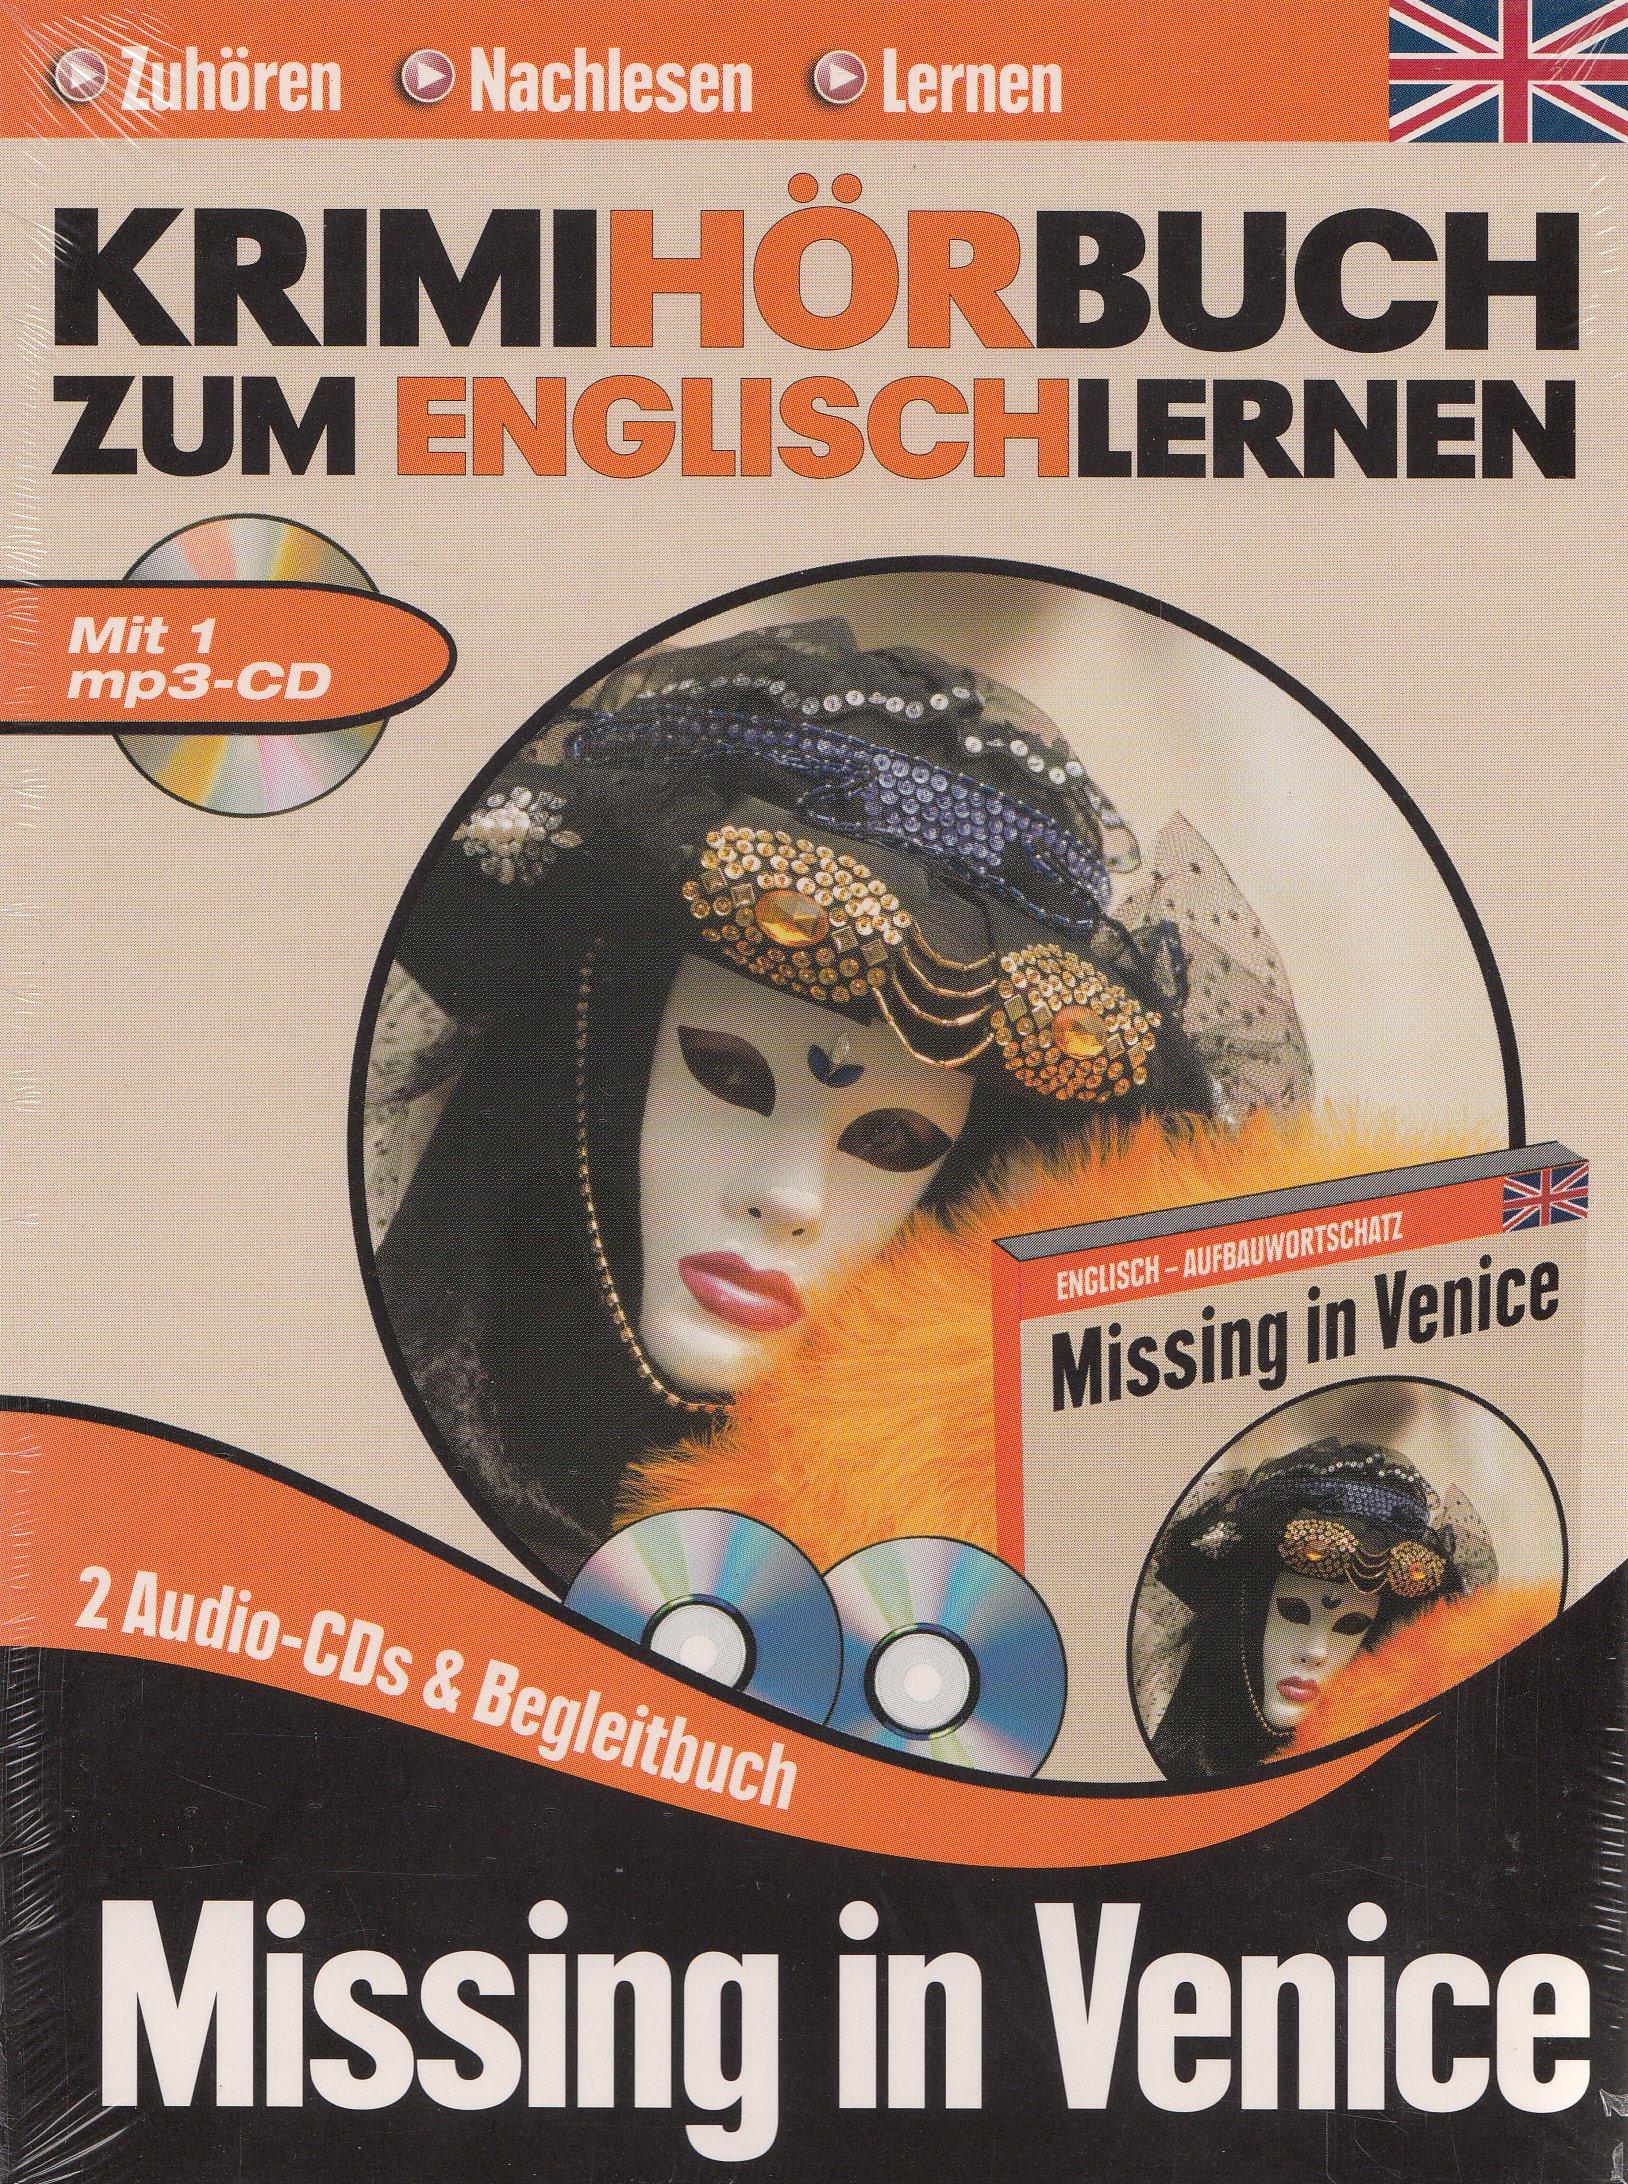 Krimihörbuch zum Englischlernen - Missing in Venice 3 CD Box